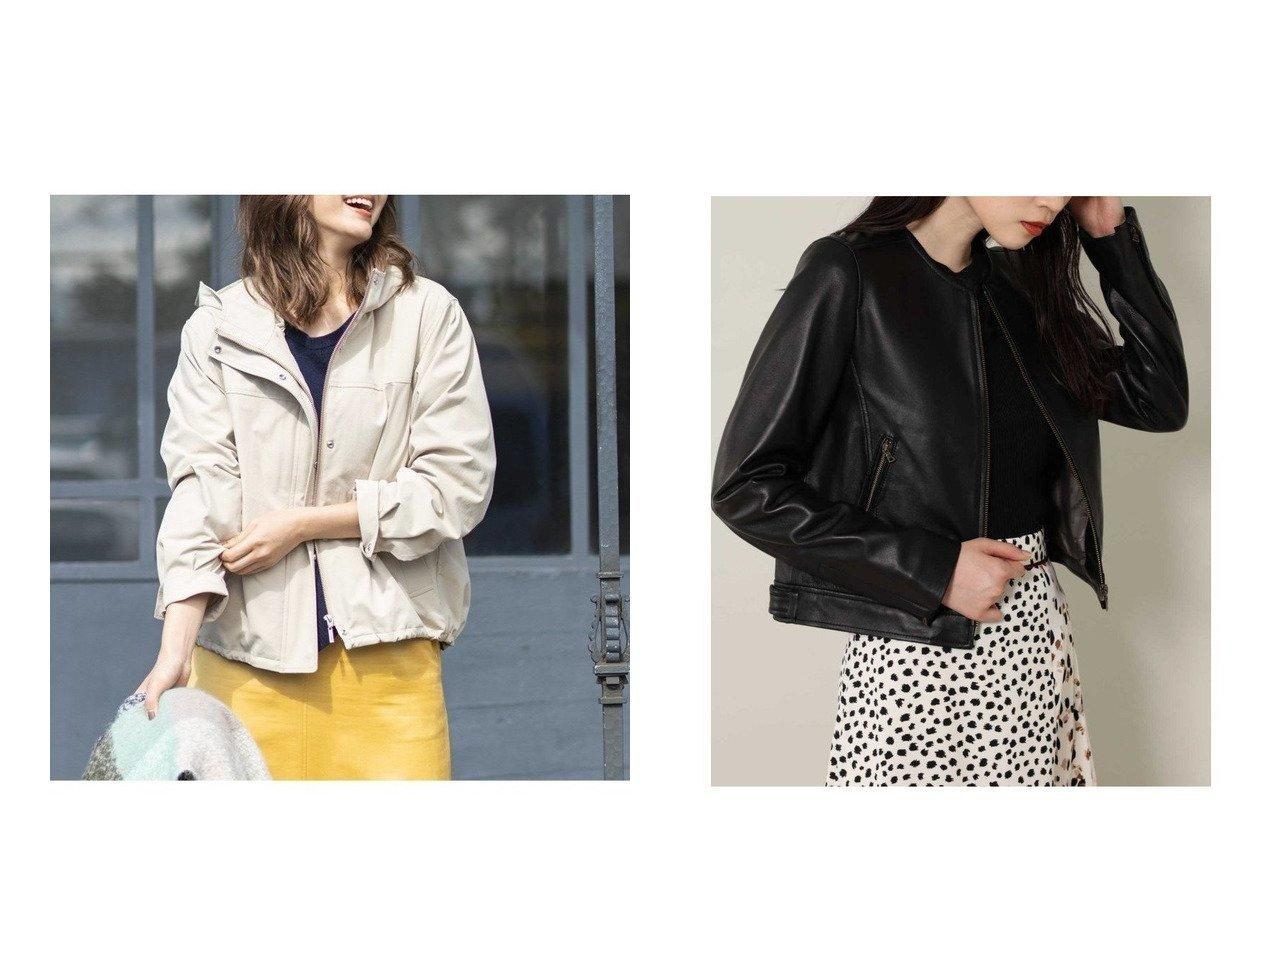 【ROSE BUD/ローズバッド】のレザーノーカラージャケット&【KUMIKYOKU/組曲】の【洗える】ブルゾンコンビ インナーダウン付き ブルゾン アウターのおすすめ!人気、レディースファッションの通販 おすすめで人気のファッション通販商品 インテリア・家具・キッズファッション・メンズファッション・レディースファッション・服の通販 founy(ファニー) https://founy.com/ ファッション Fashion レディース WOMEN アウター Coat Outerwear コート Coats ジャケット Jackets ブルゾン Blouson Jackets ノーカラージャケット No Collar Leather Jackets インナー ギャザー コンビ ジャケット スピンドル タフタ ダウン ツイル バランス フォルム ブルゾン 秋冬 A/W Autumn/ Winter シンプル フェミニン 定番 |ID:crp329100000003118